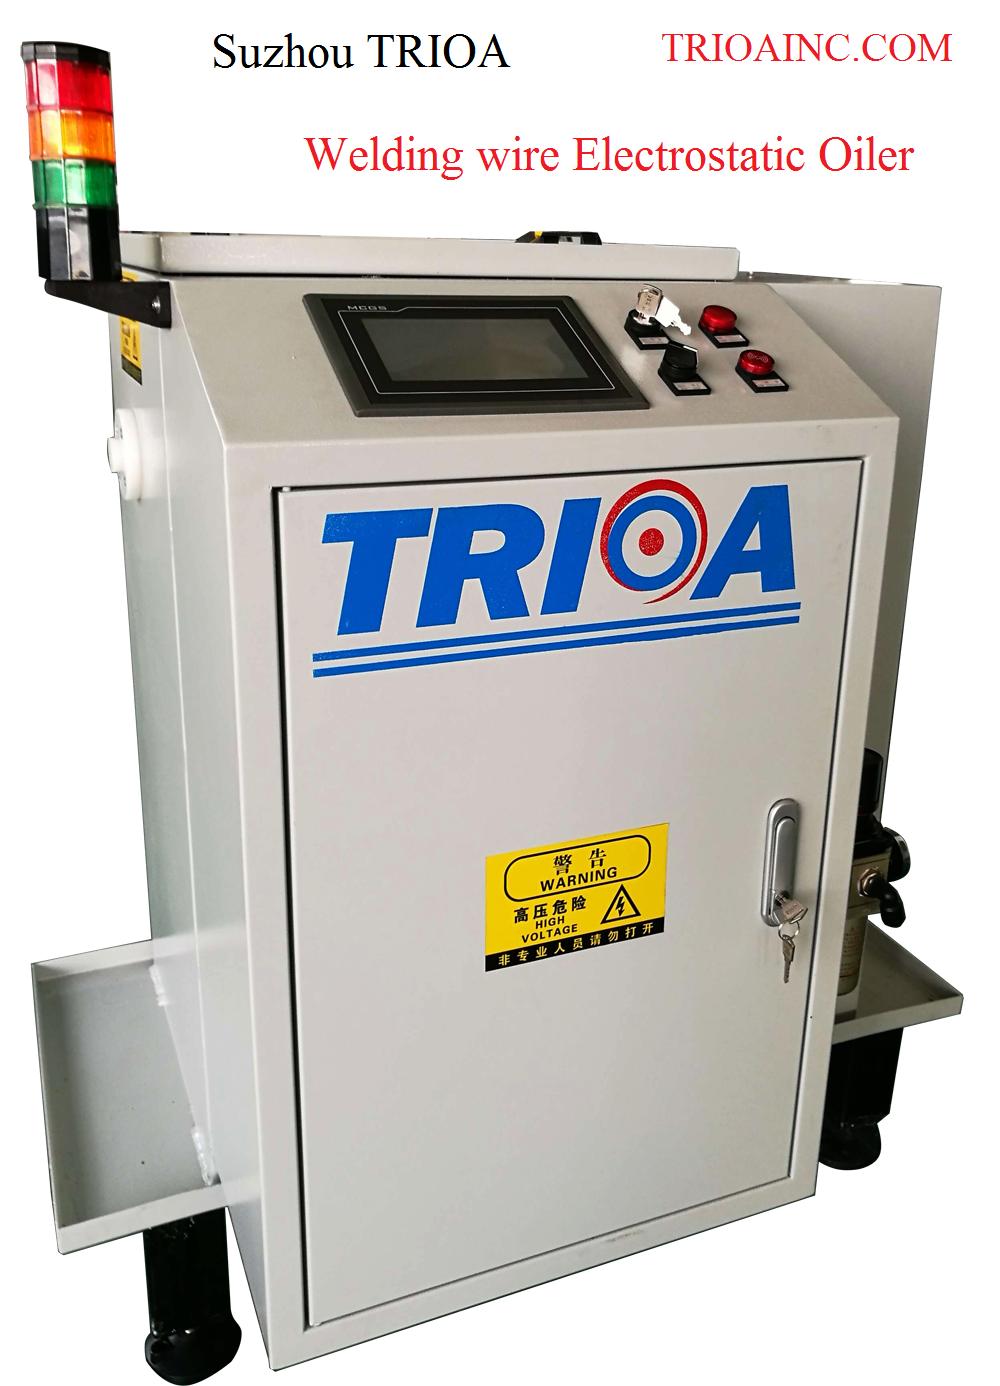 TRIOA WELDING WIRE ELECTROSTATIC COATER